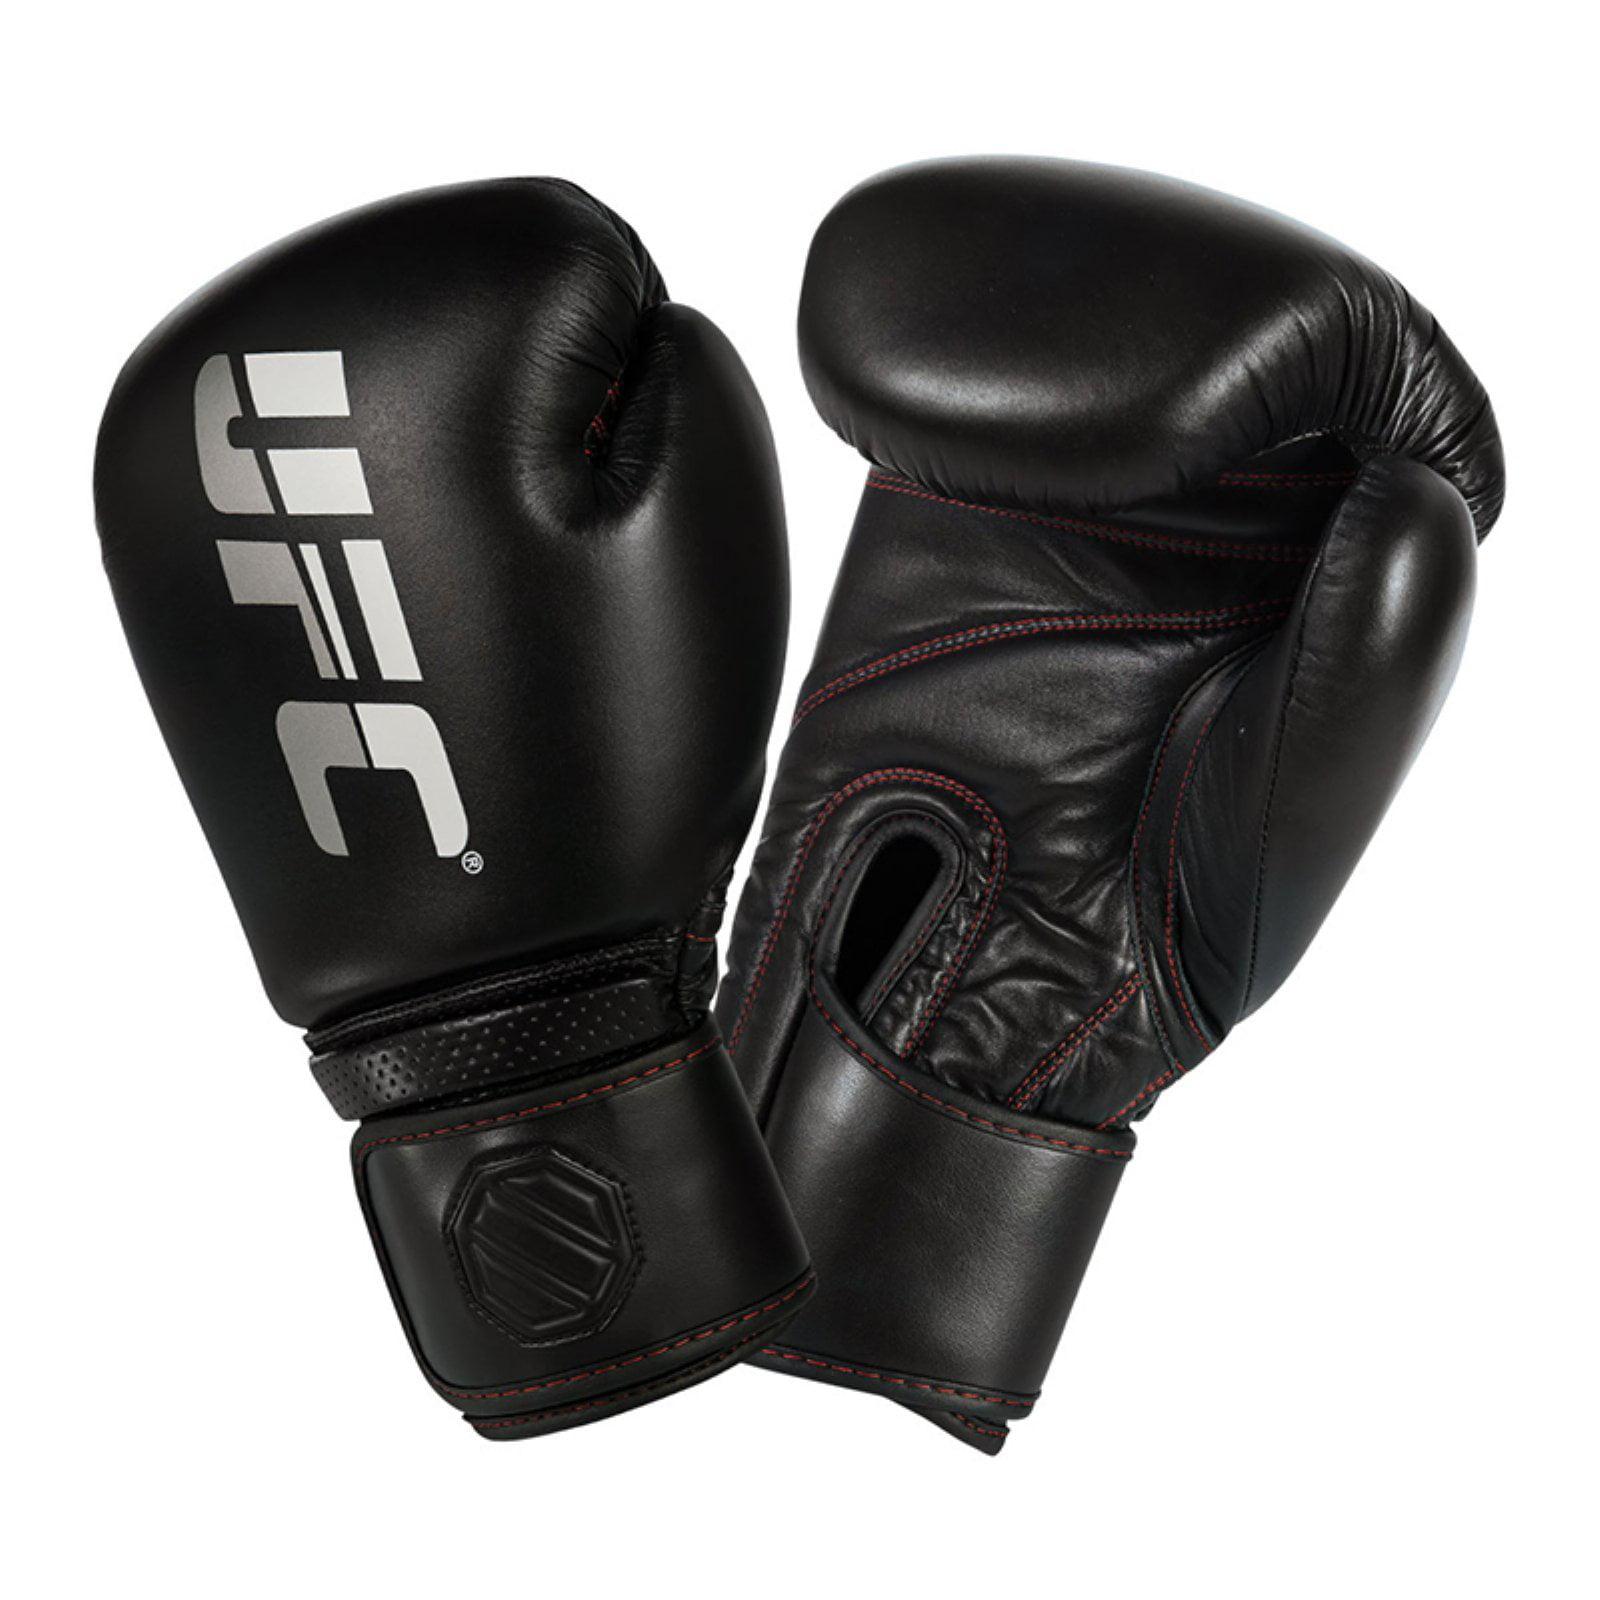 UFC Pro Sparring Gloves